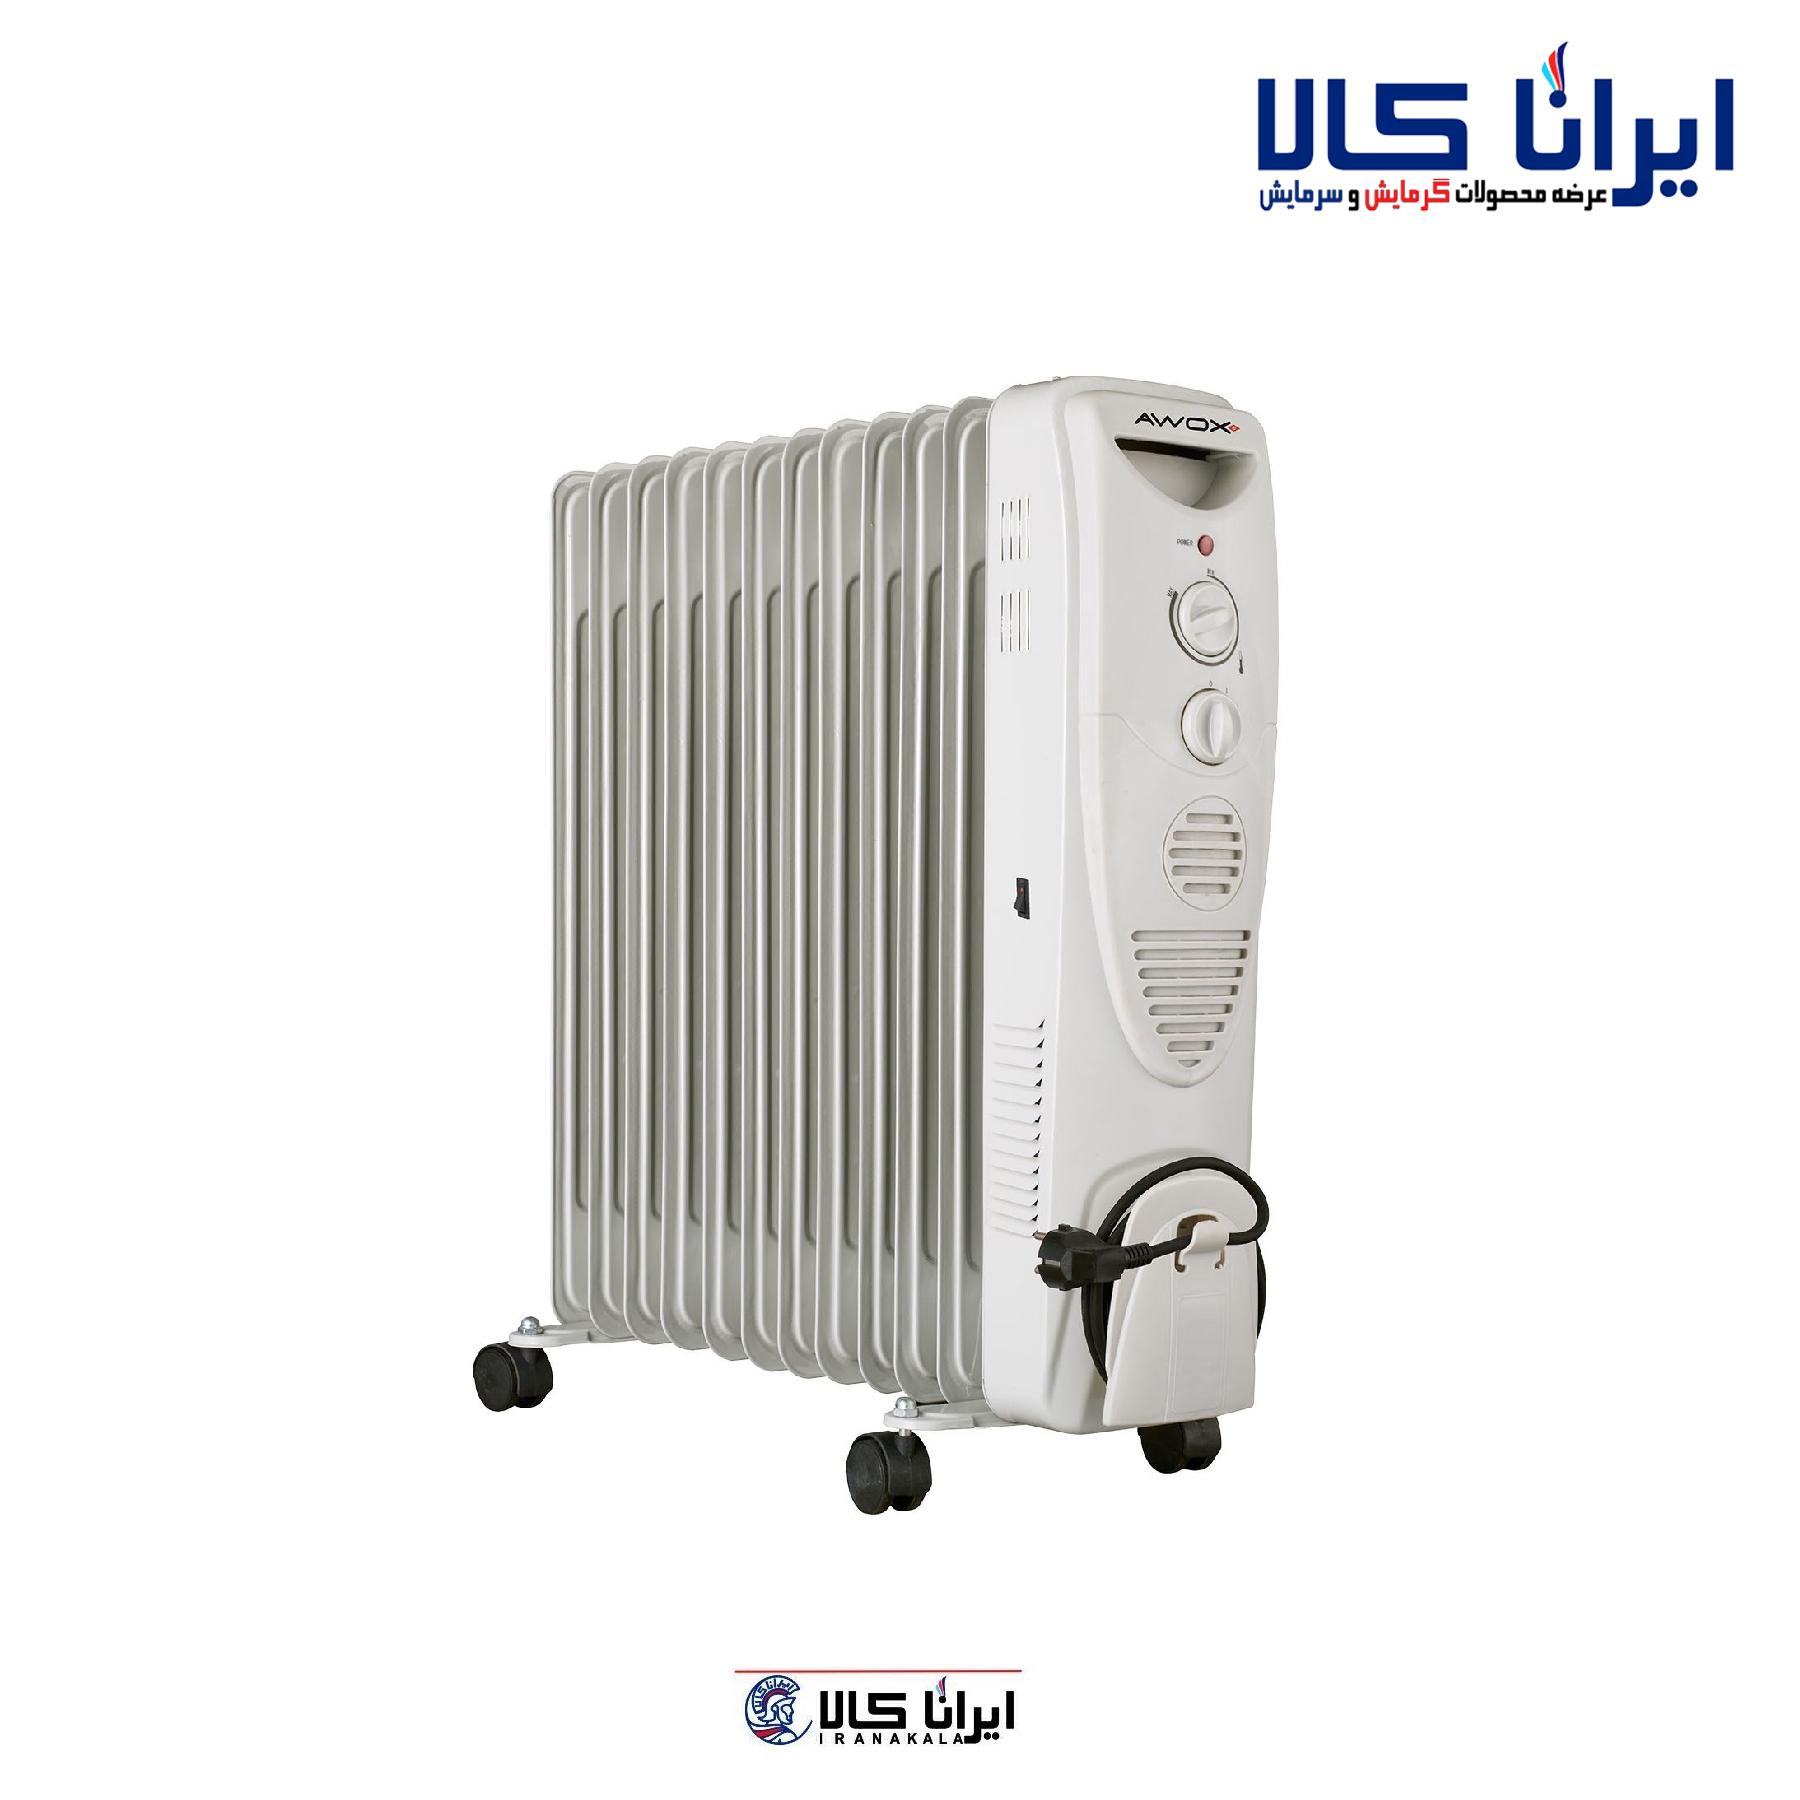 رادیاتور برقی Awox | رادیاتور 11 پره